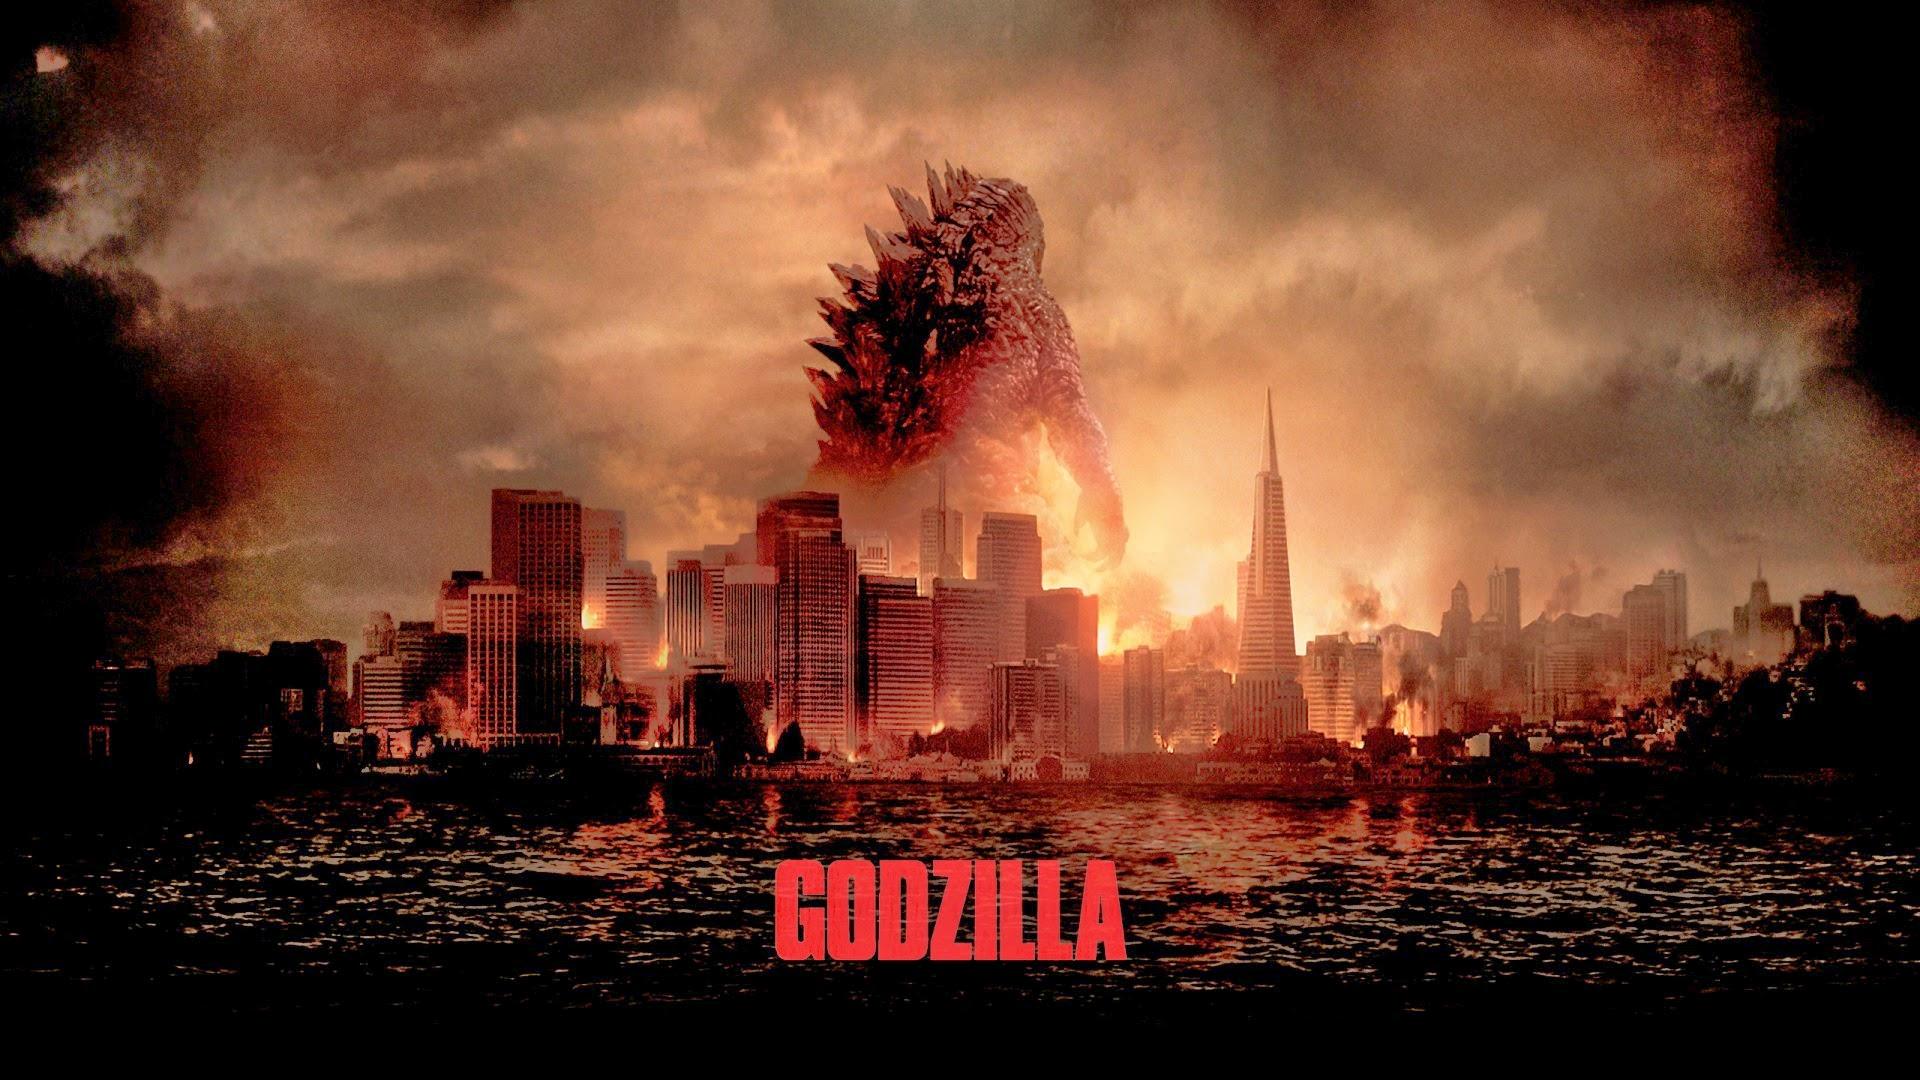 16 Godzilla 2014 Movie Wallpapers 16504 Wallpaper Hd 1920x1080